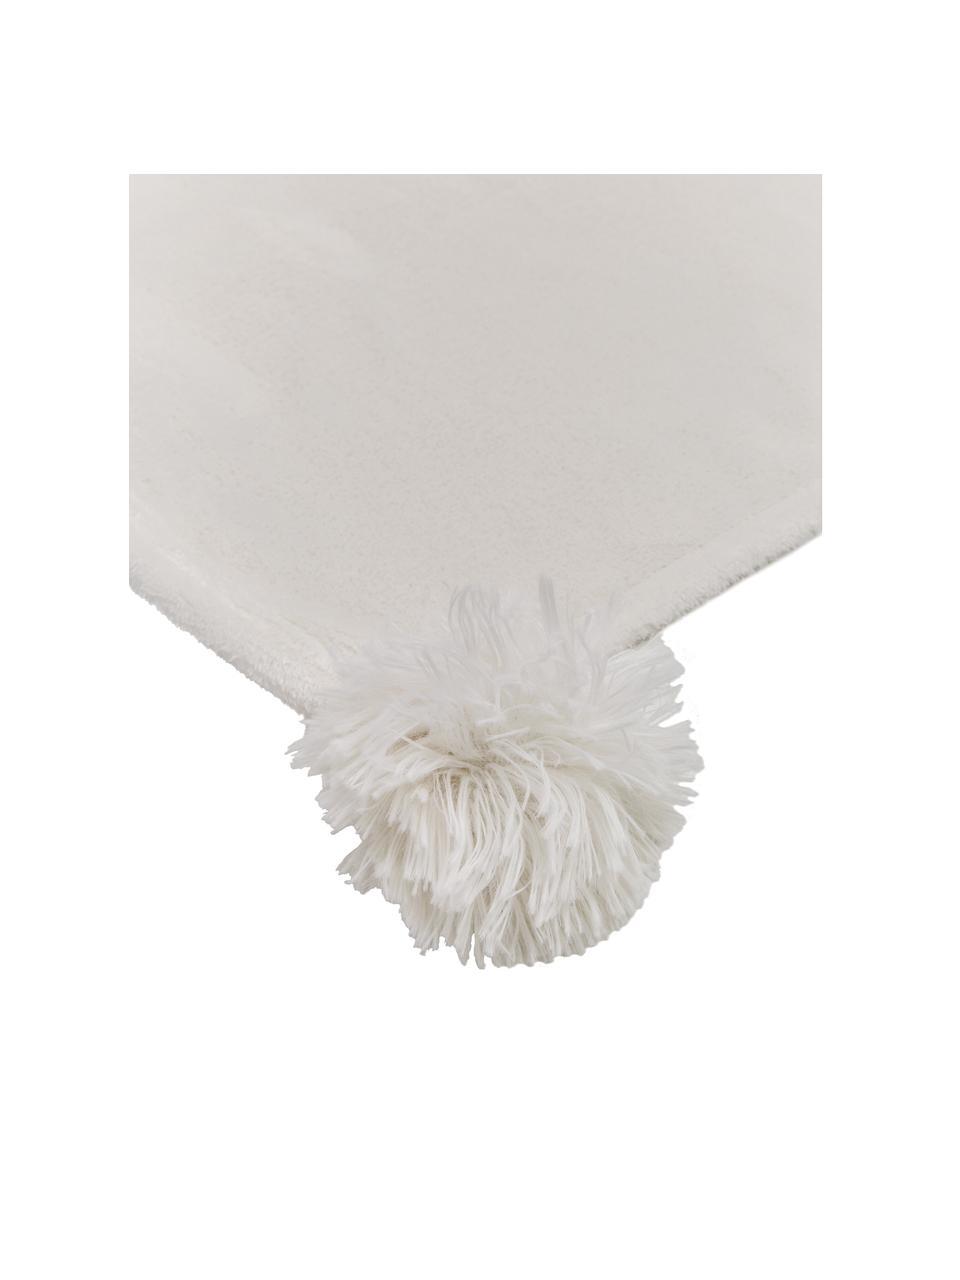 Kuscheldecke Bomla in Creme mit Pompoms, 100% Polyester, Creme, 130 x 170 cm